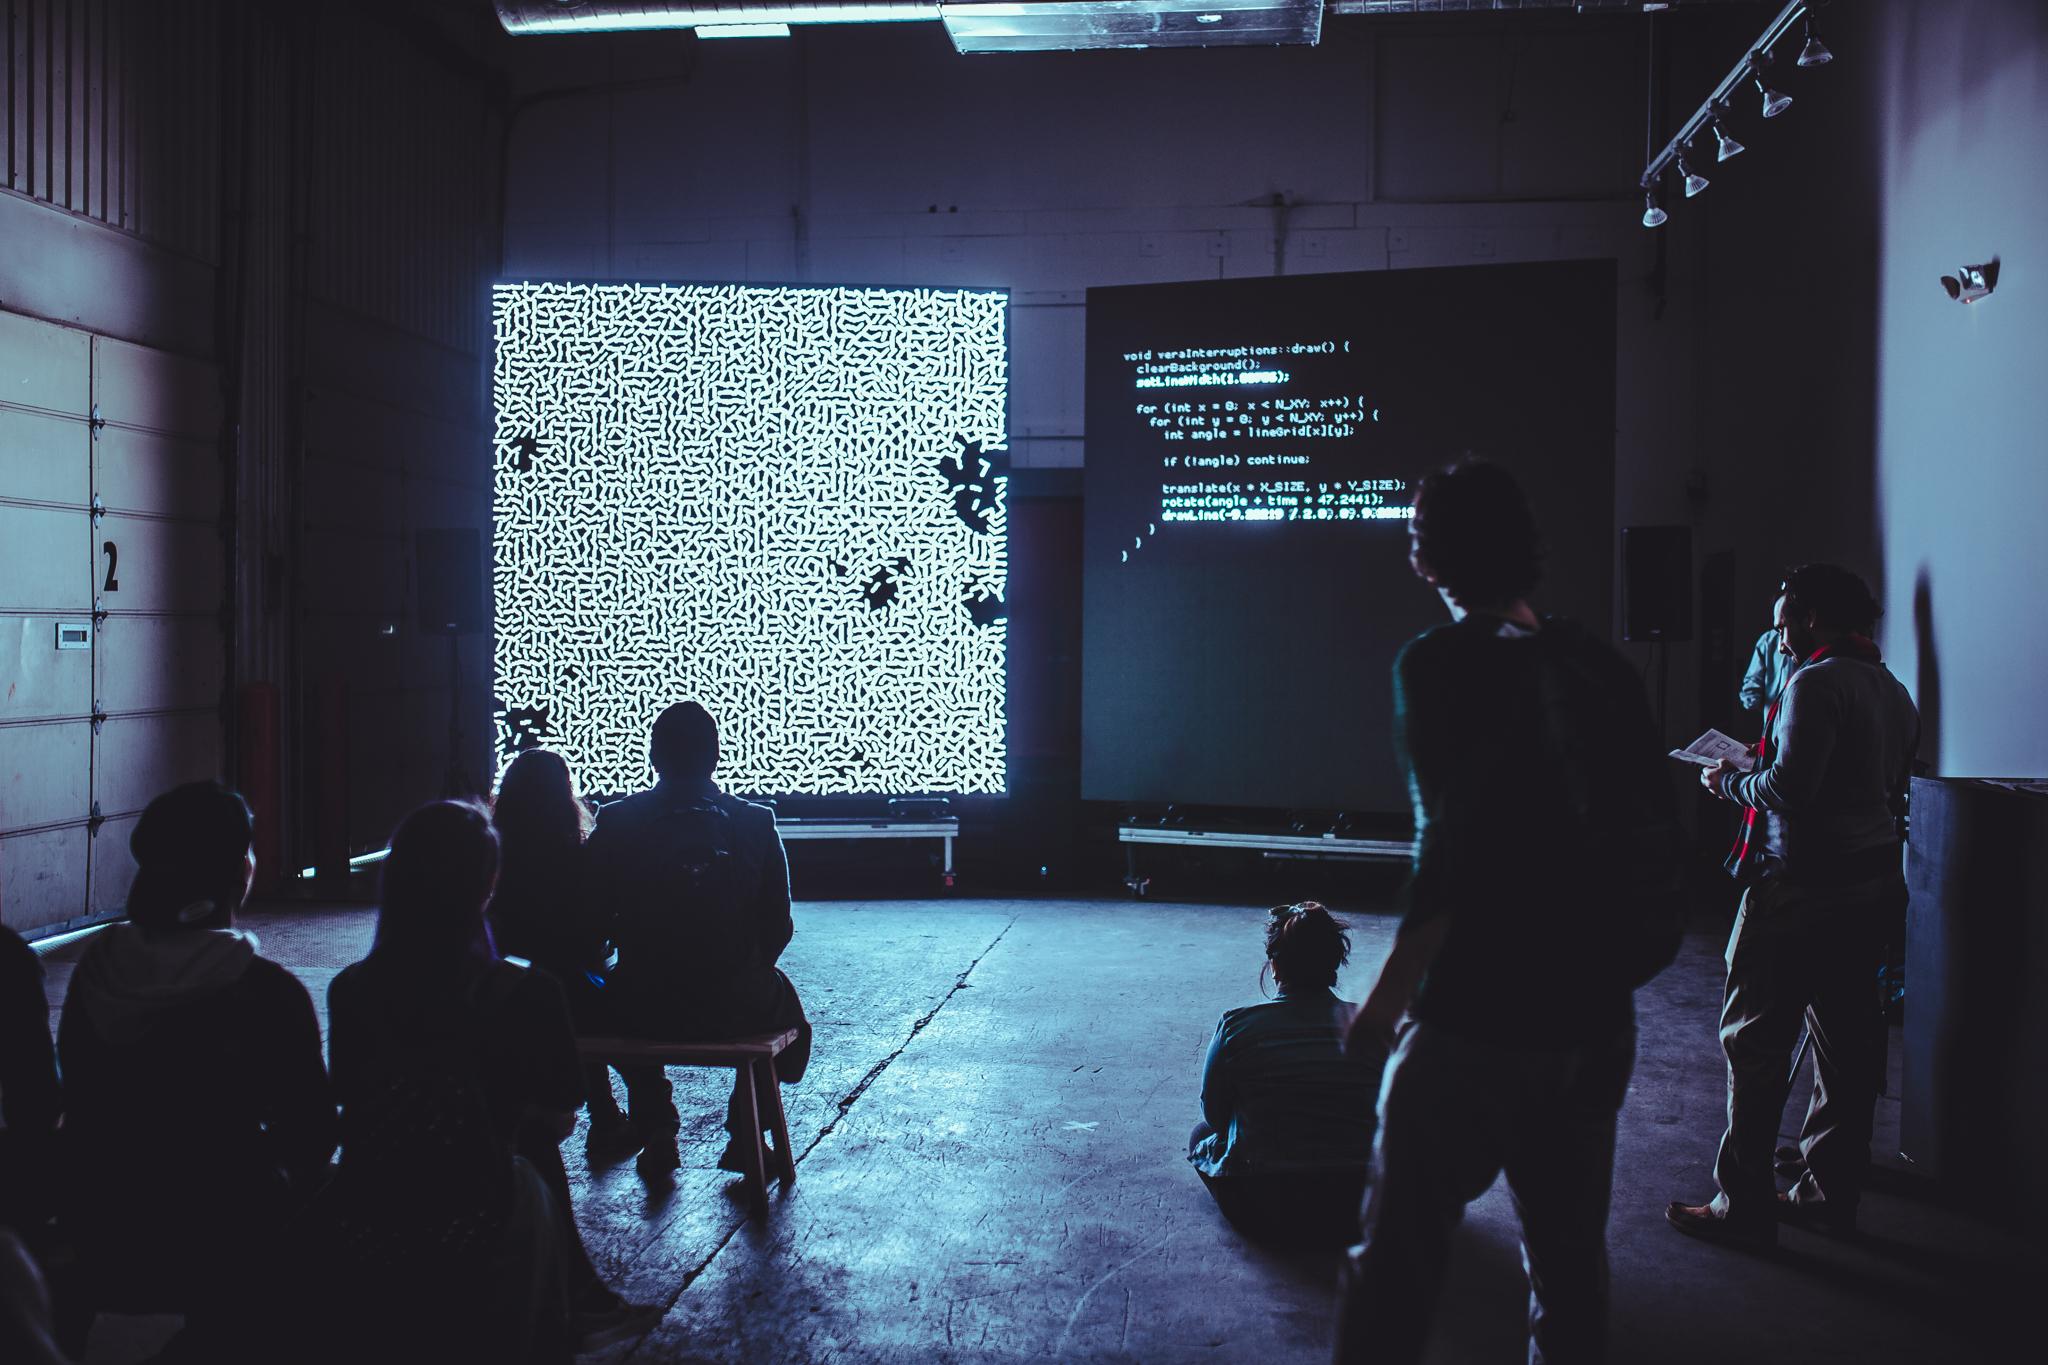 School for Poetic Computation - Photo by Julian Basjel